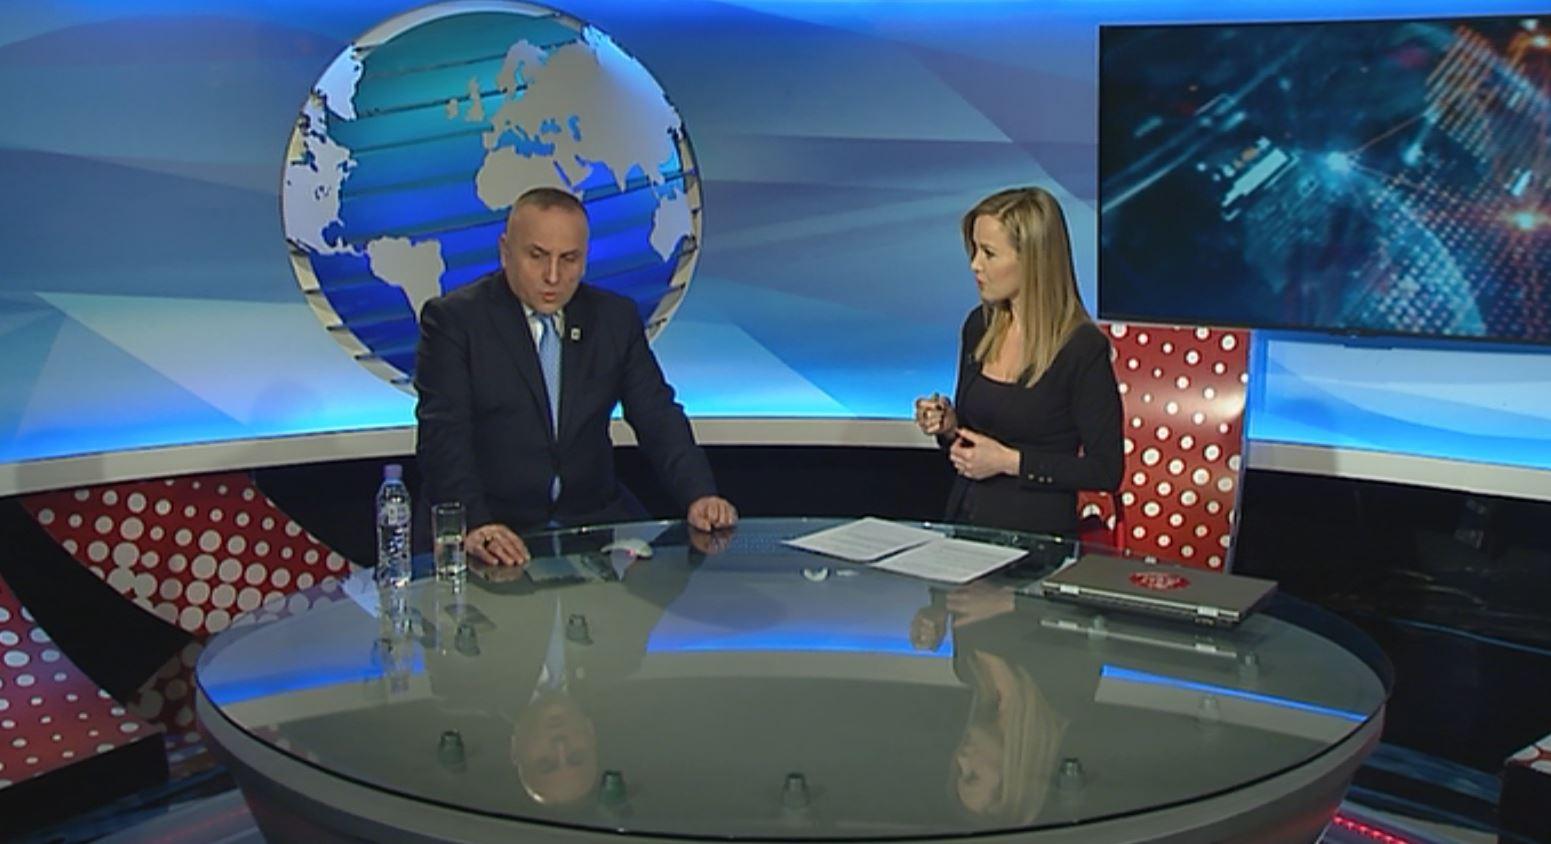 Kulla: Shqipëri-Kosovë asnjë negocim me Serbinë pa liruar Haradinajn. Do të preket i gjithë Rajoni